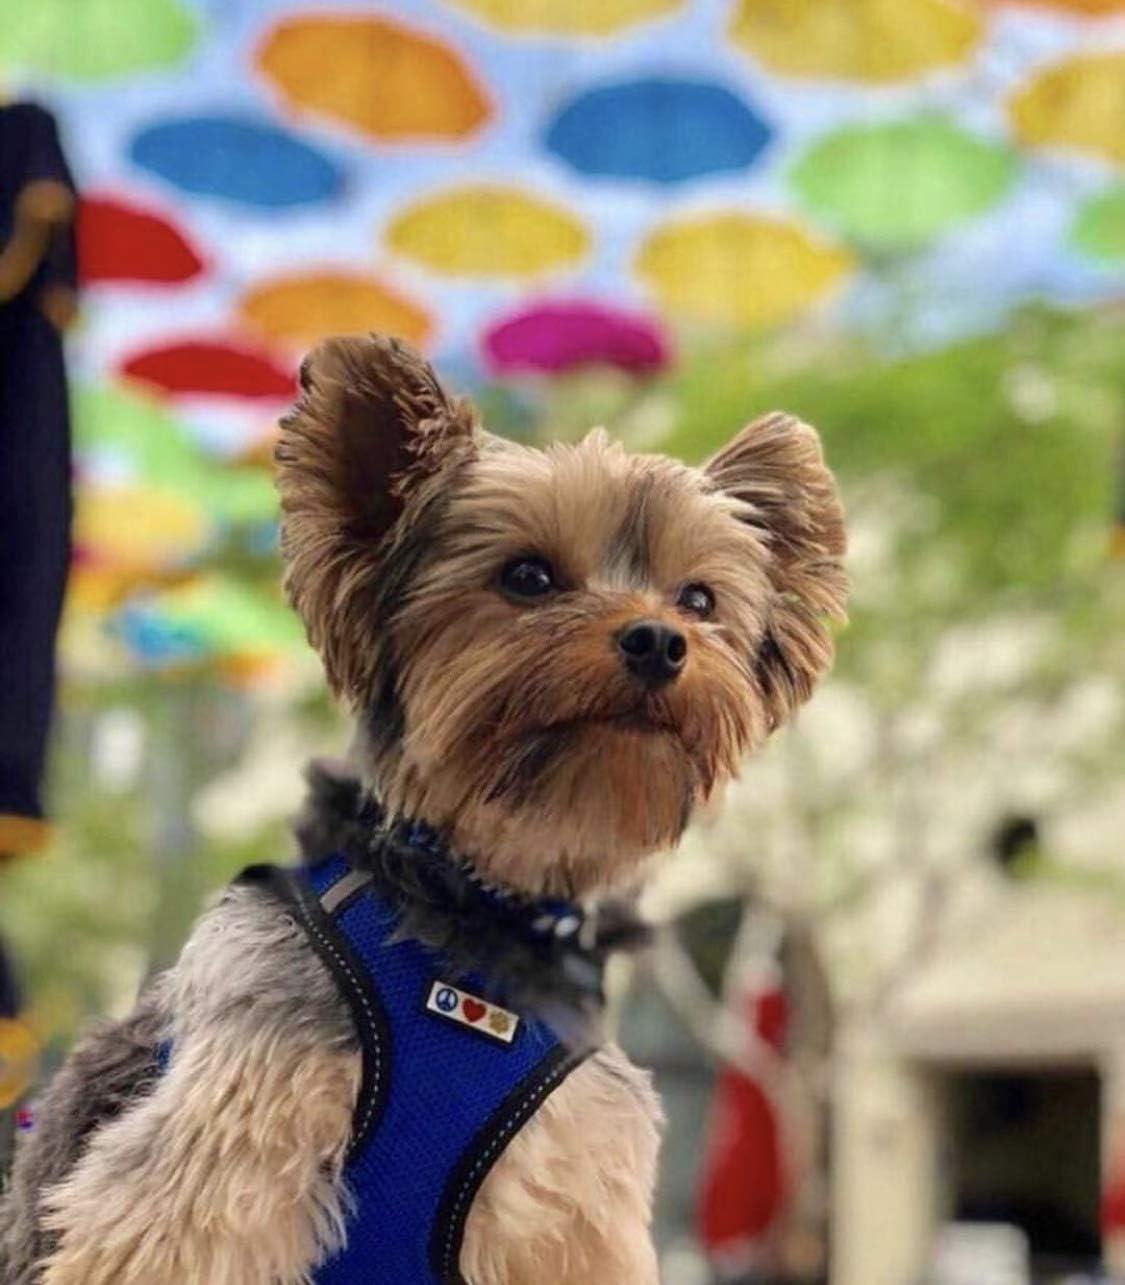 Trainieren Sie den Spaziergang Ihres Welpen//Hundes Komfortsteuerung PAWTITAS Pet Reflektierendes Hundegeschirr Geschirr zum Hineintreten oder Umlegen